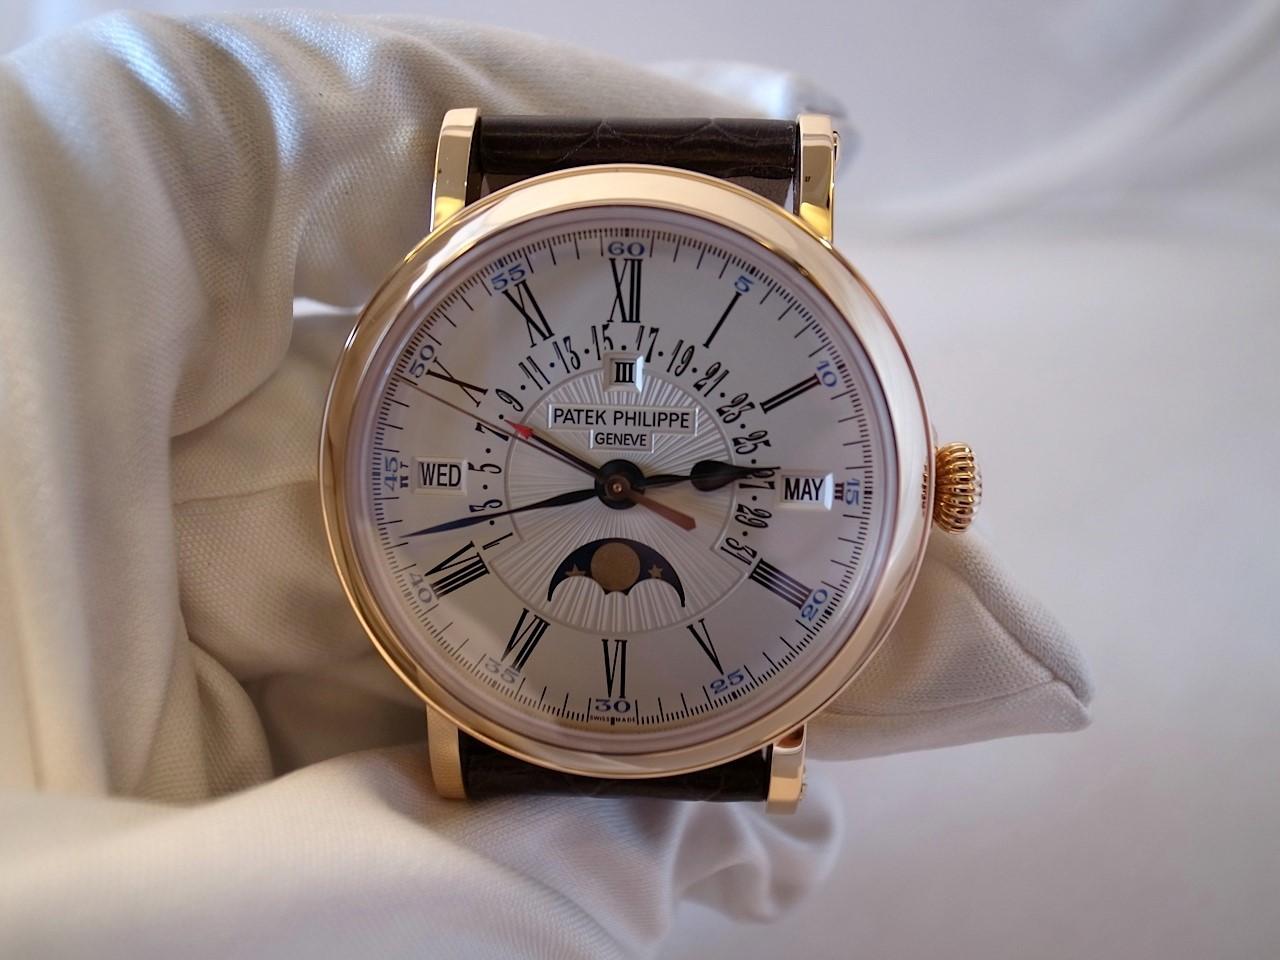 Patek Philippe - механические часы: отзывы, цена, где купить